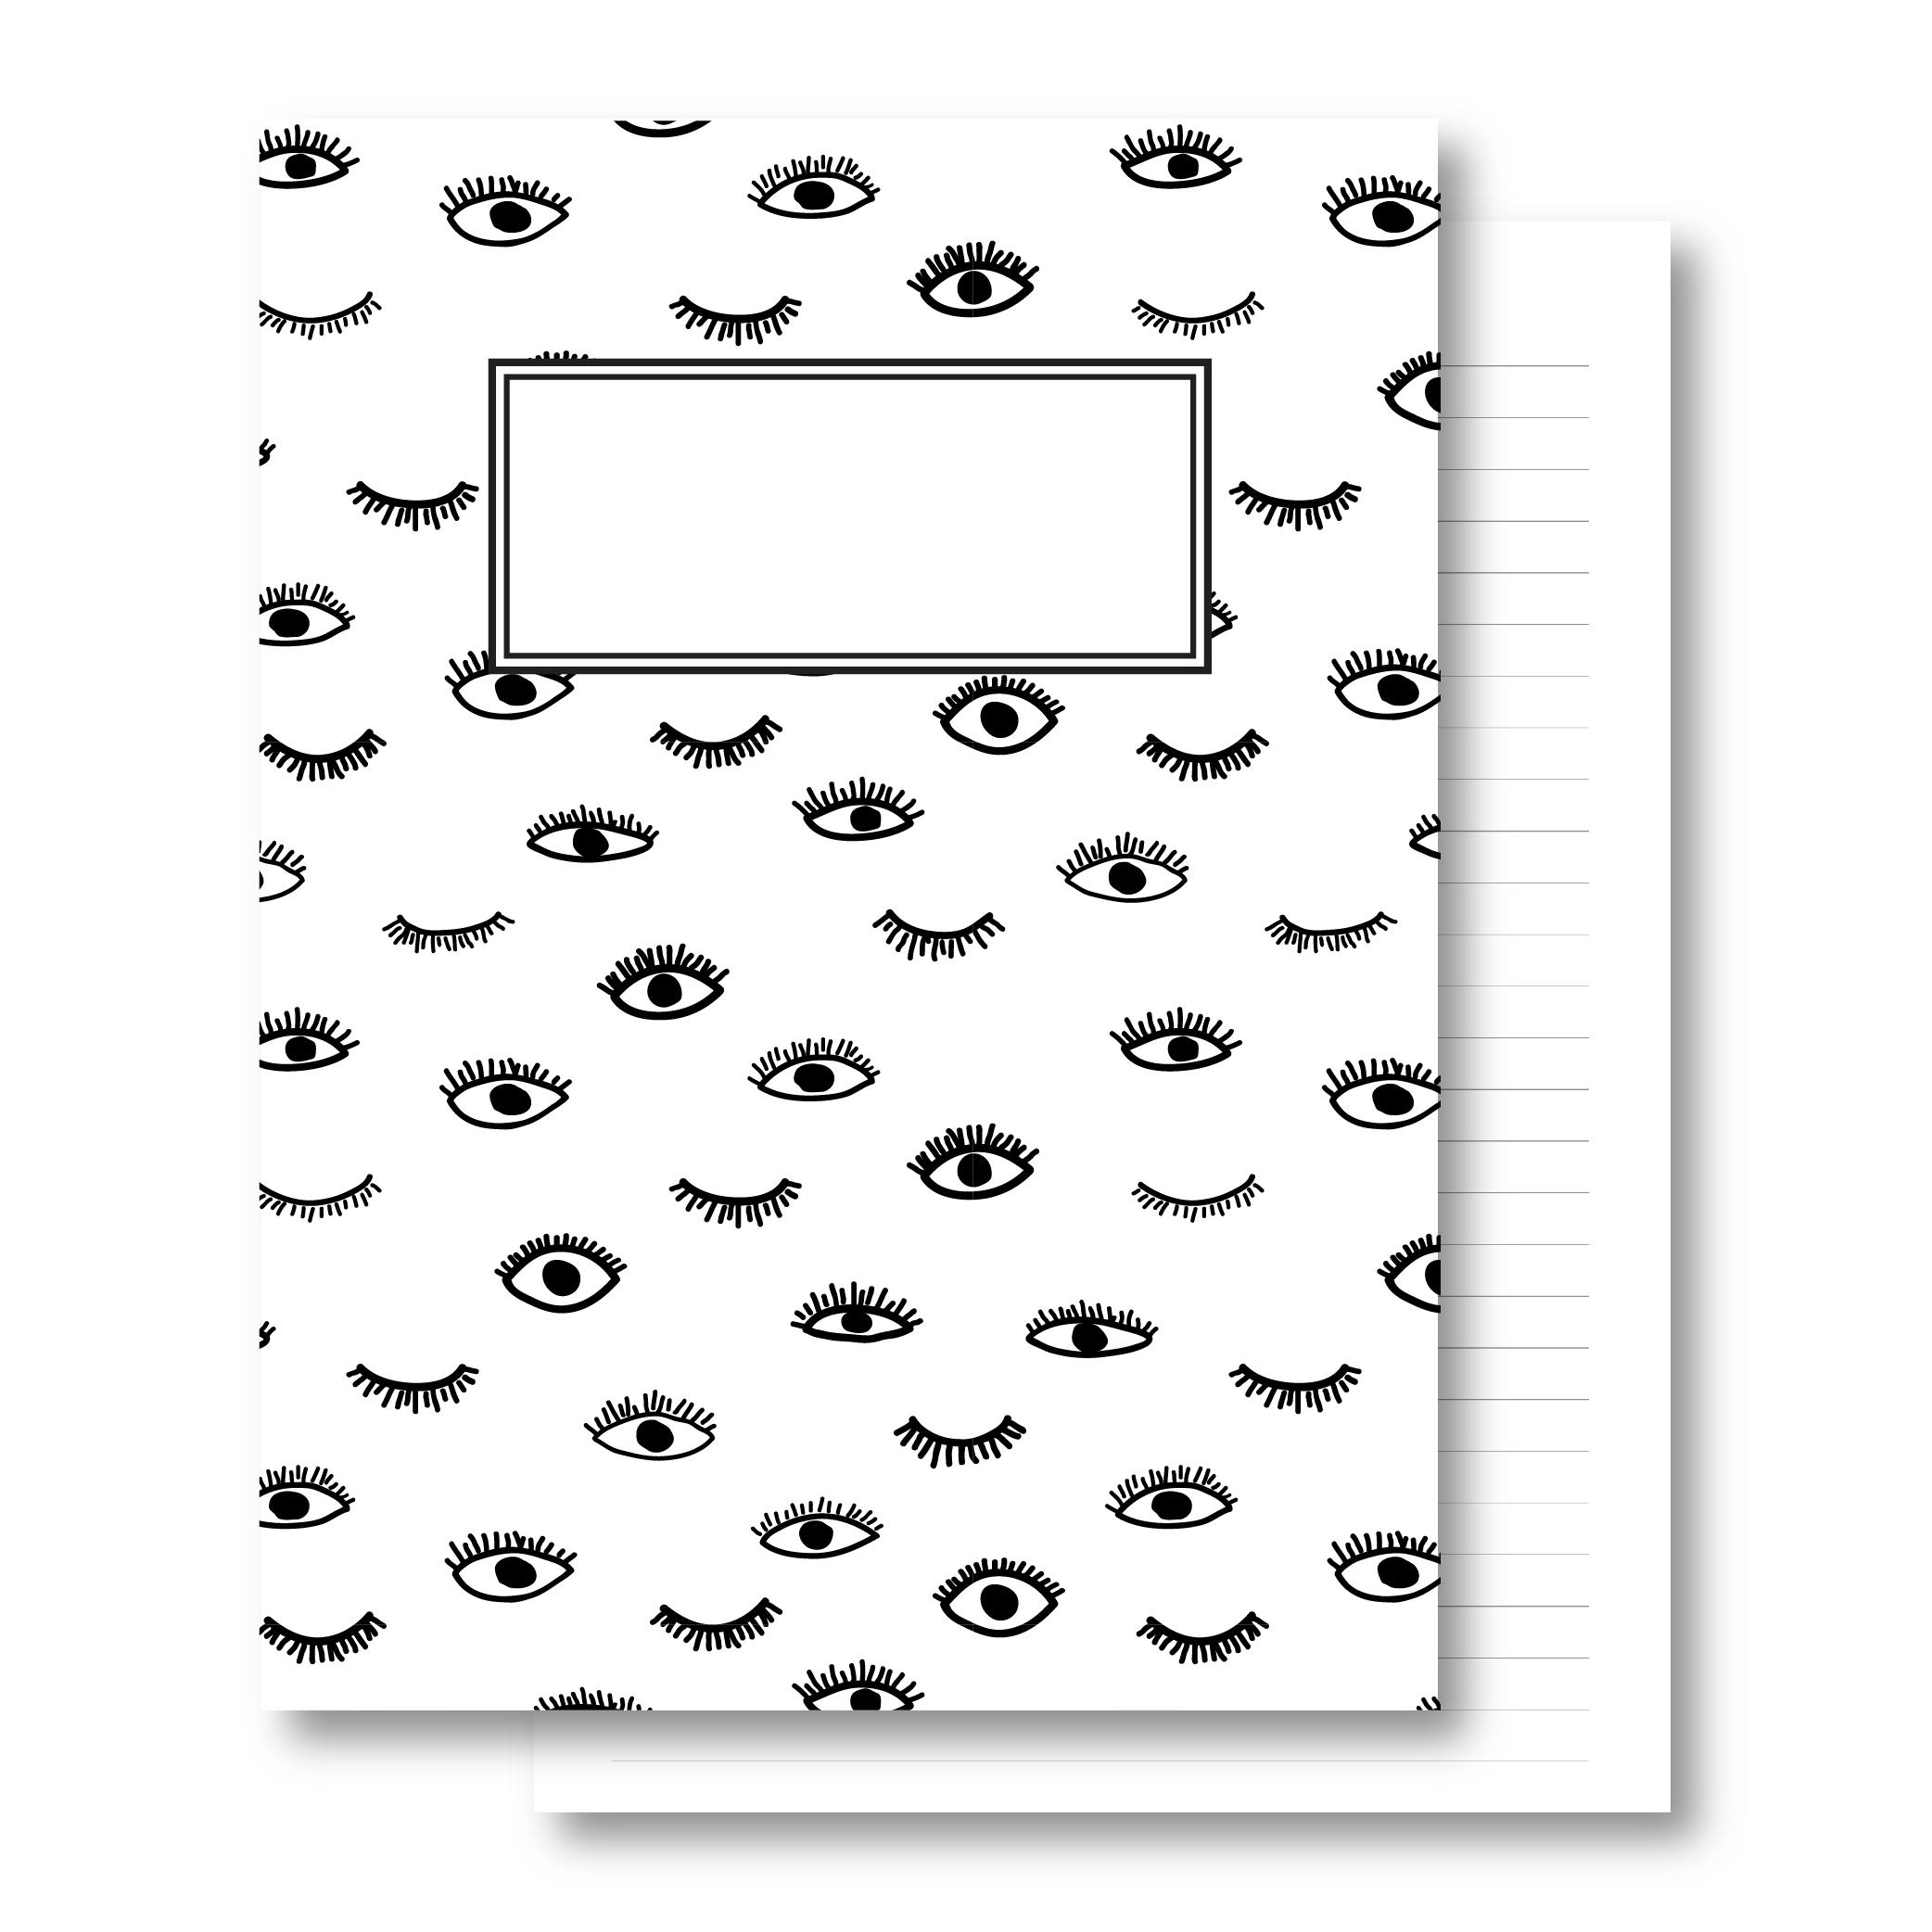 מחברת כריכה קשה - עיניים - דפי שורה